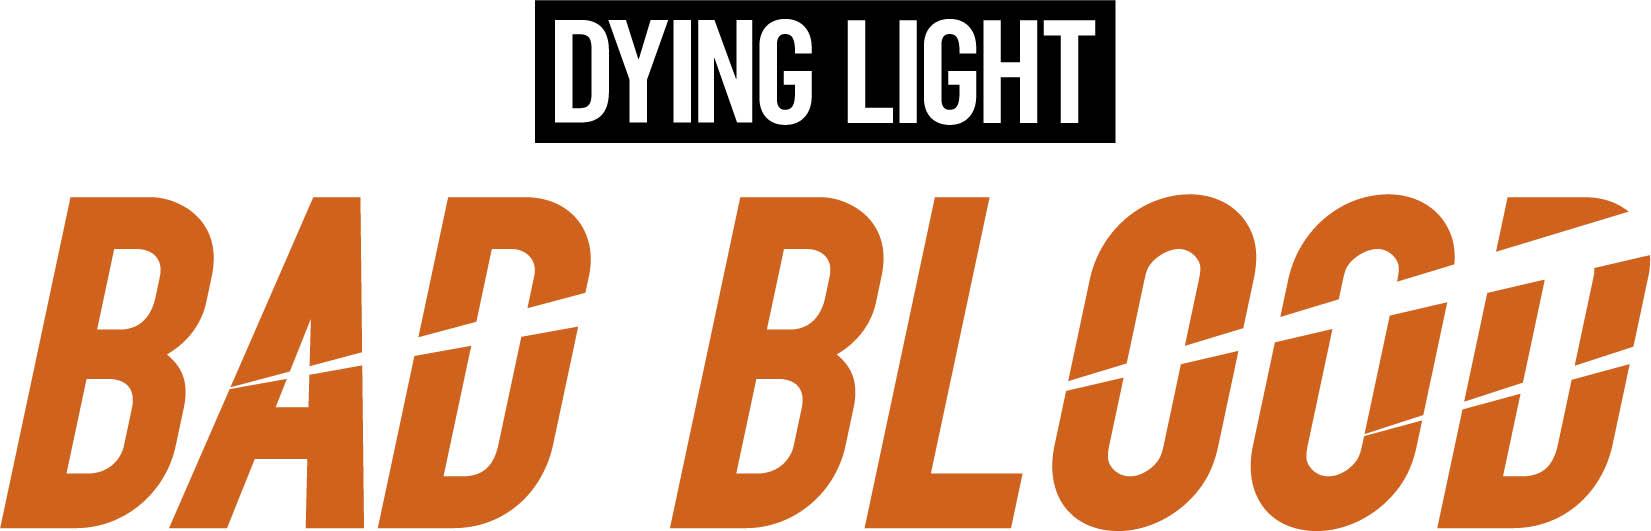 NP: Dying Light: Bad Blood – salta a la lucha el próximo mes de septiembre